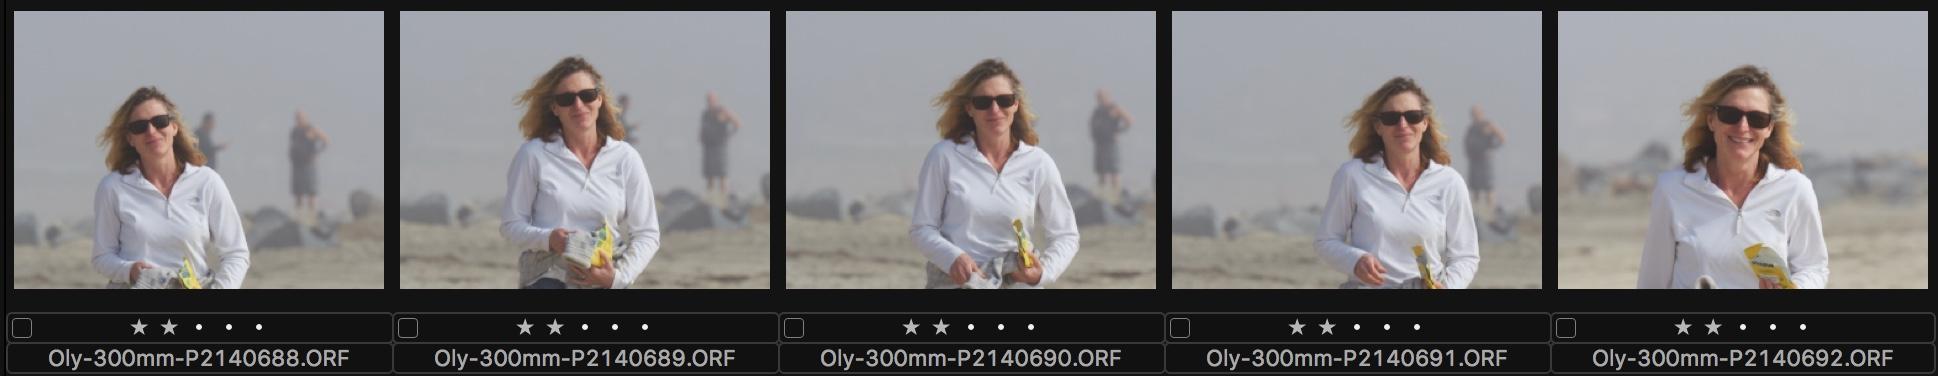 http://thedigitalstory.com/2016/02/16/just-5-frames.jpg